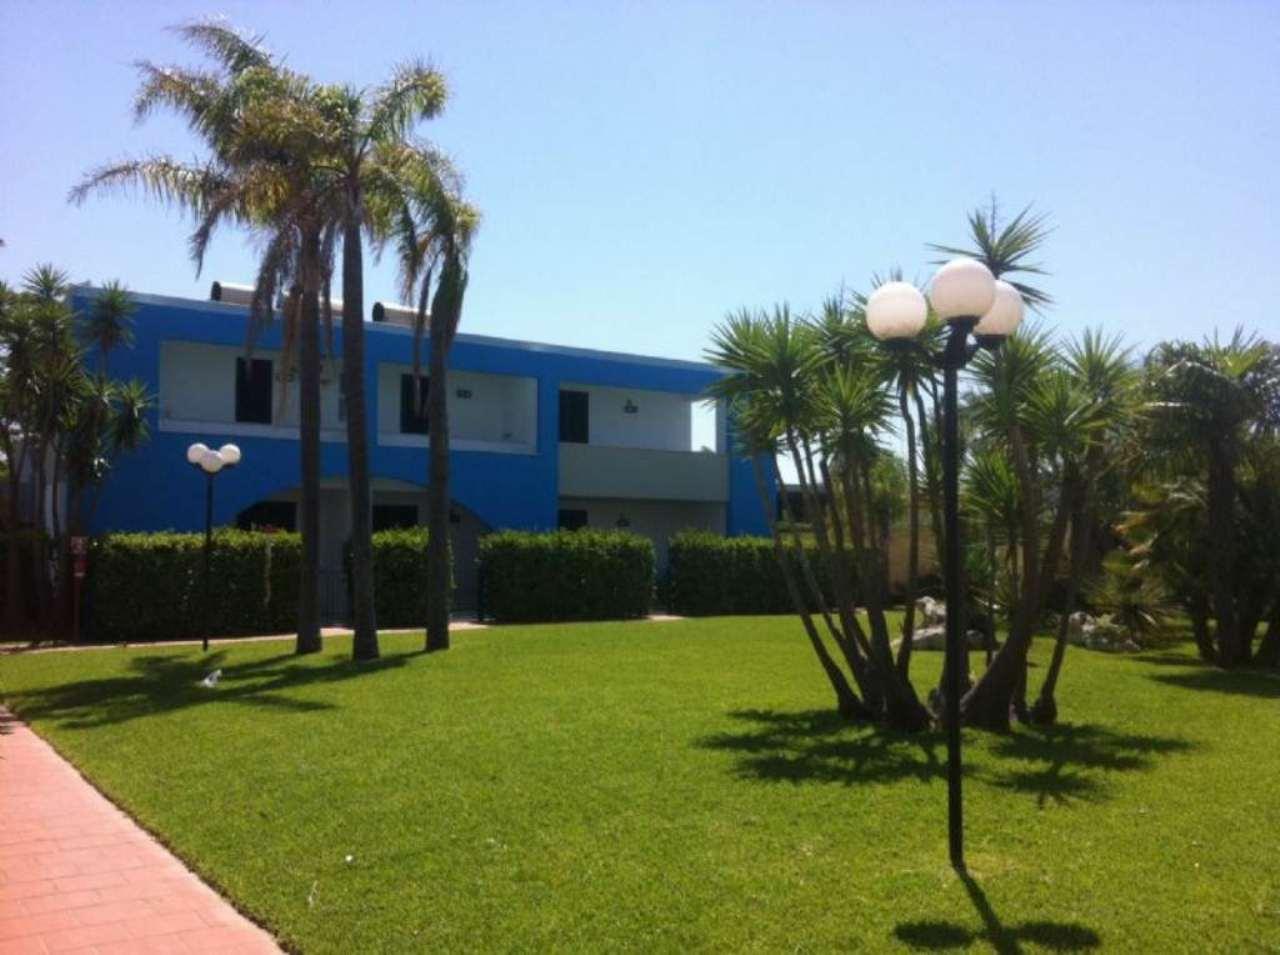 Appartamento in vendita a Melendugno, 2 locali, prezzo € 79.000 | Cambio Casa.it